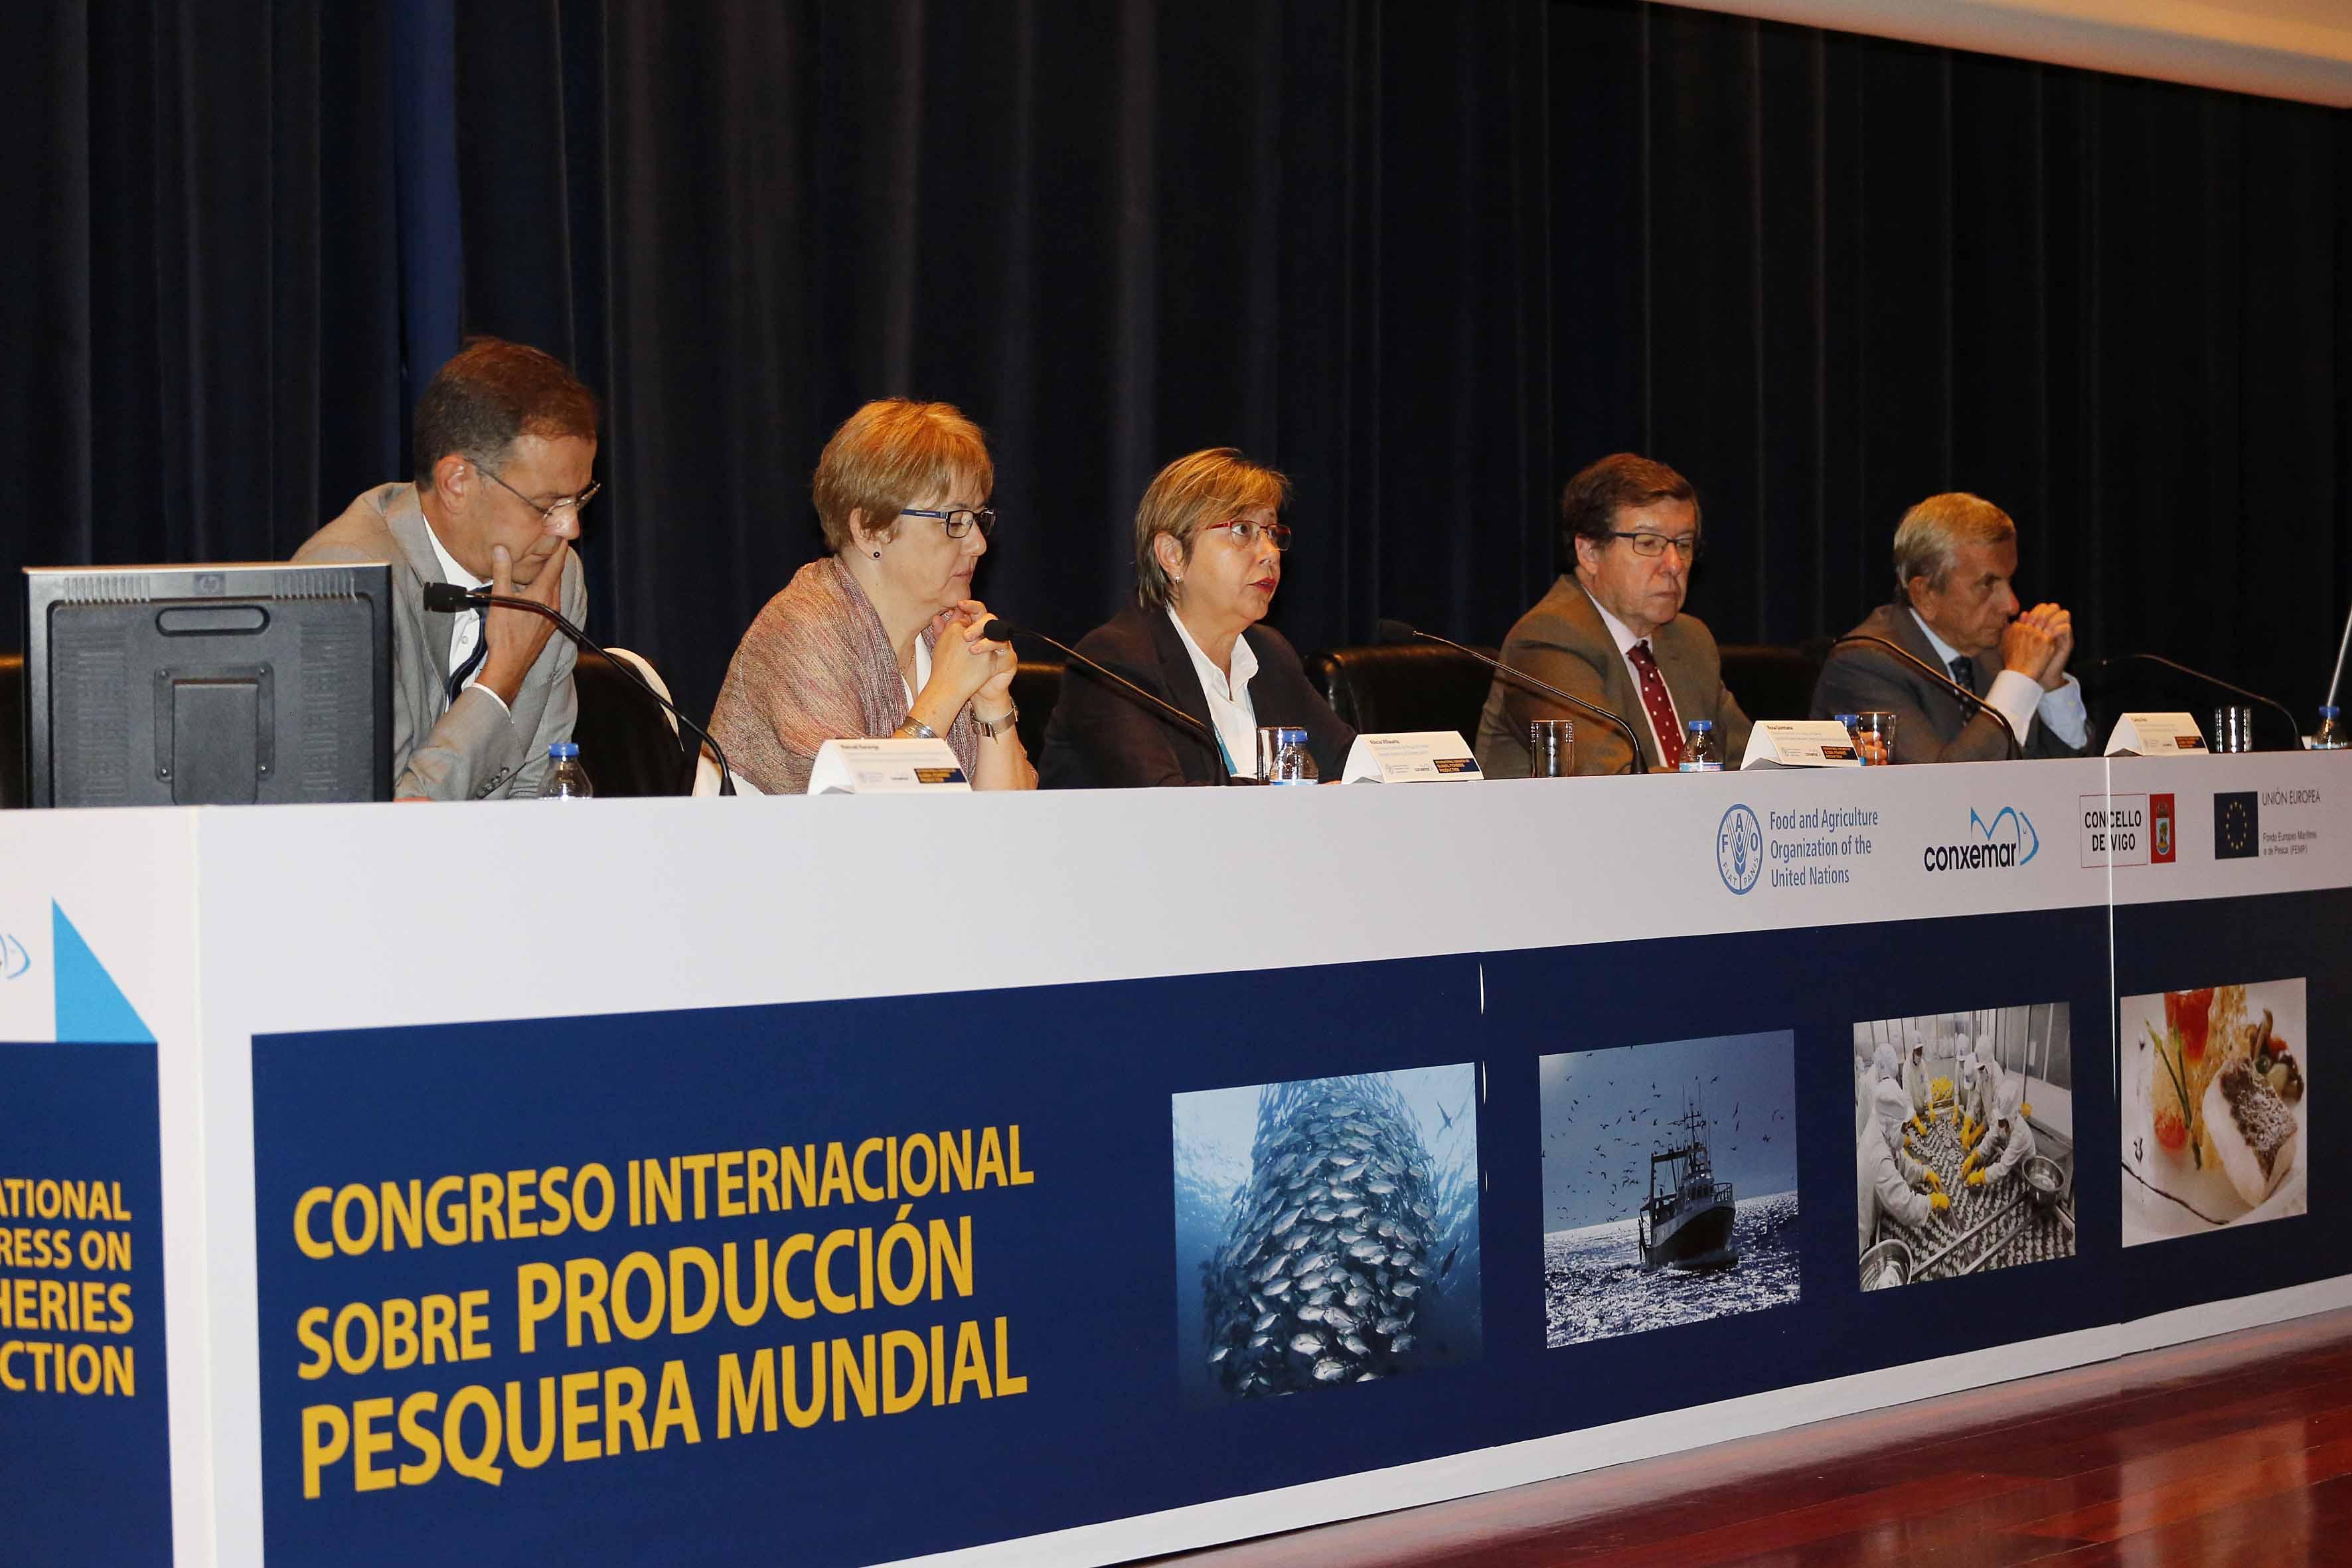 Congreso Internacional sobre Producción Pesquera Mundial